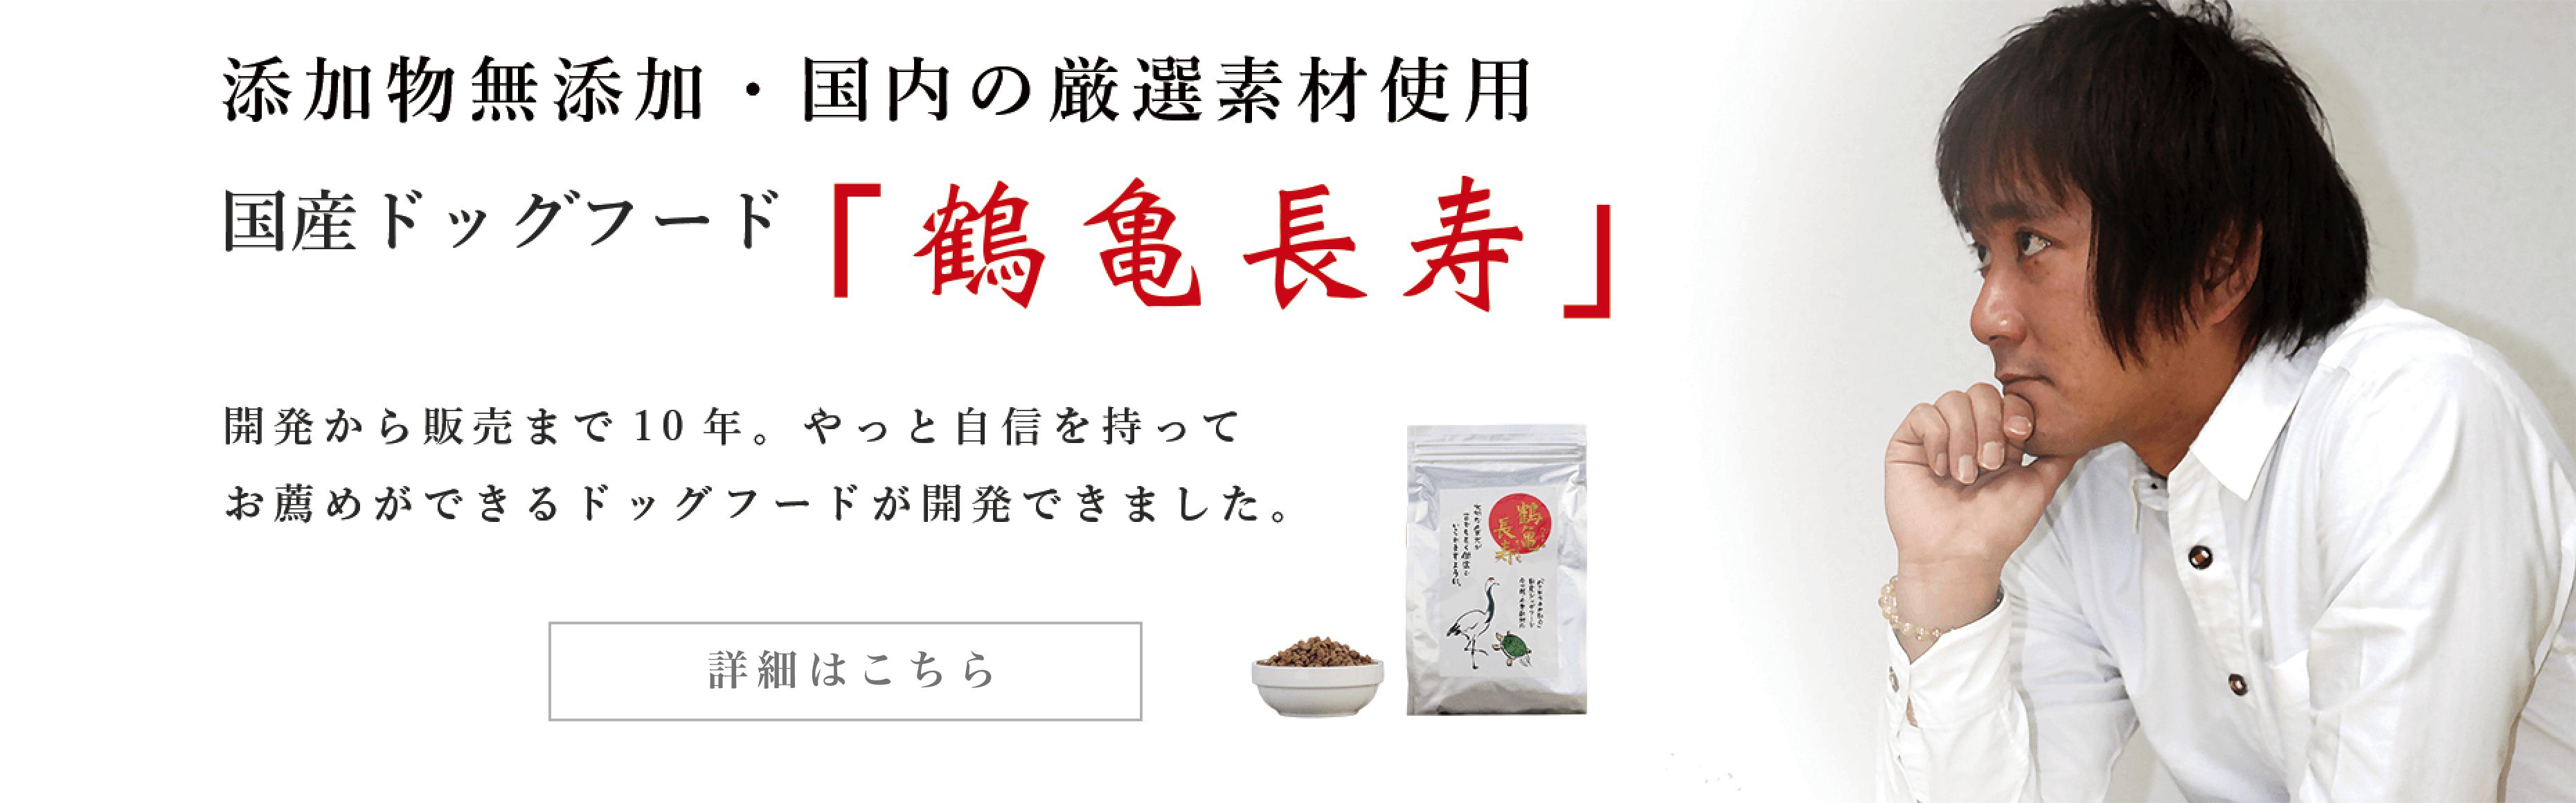 添加物無添加・国内の厳選素材使用 国産ドッグフード「鶴亀長寿」ご注文はこちら